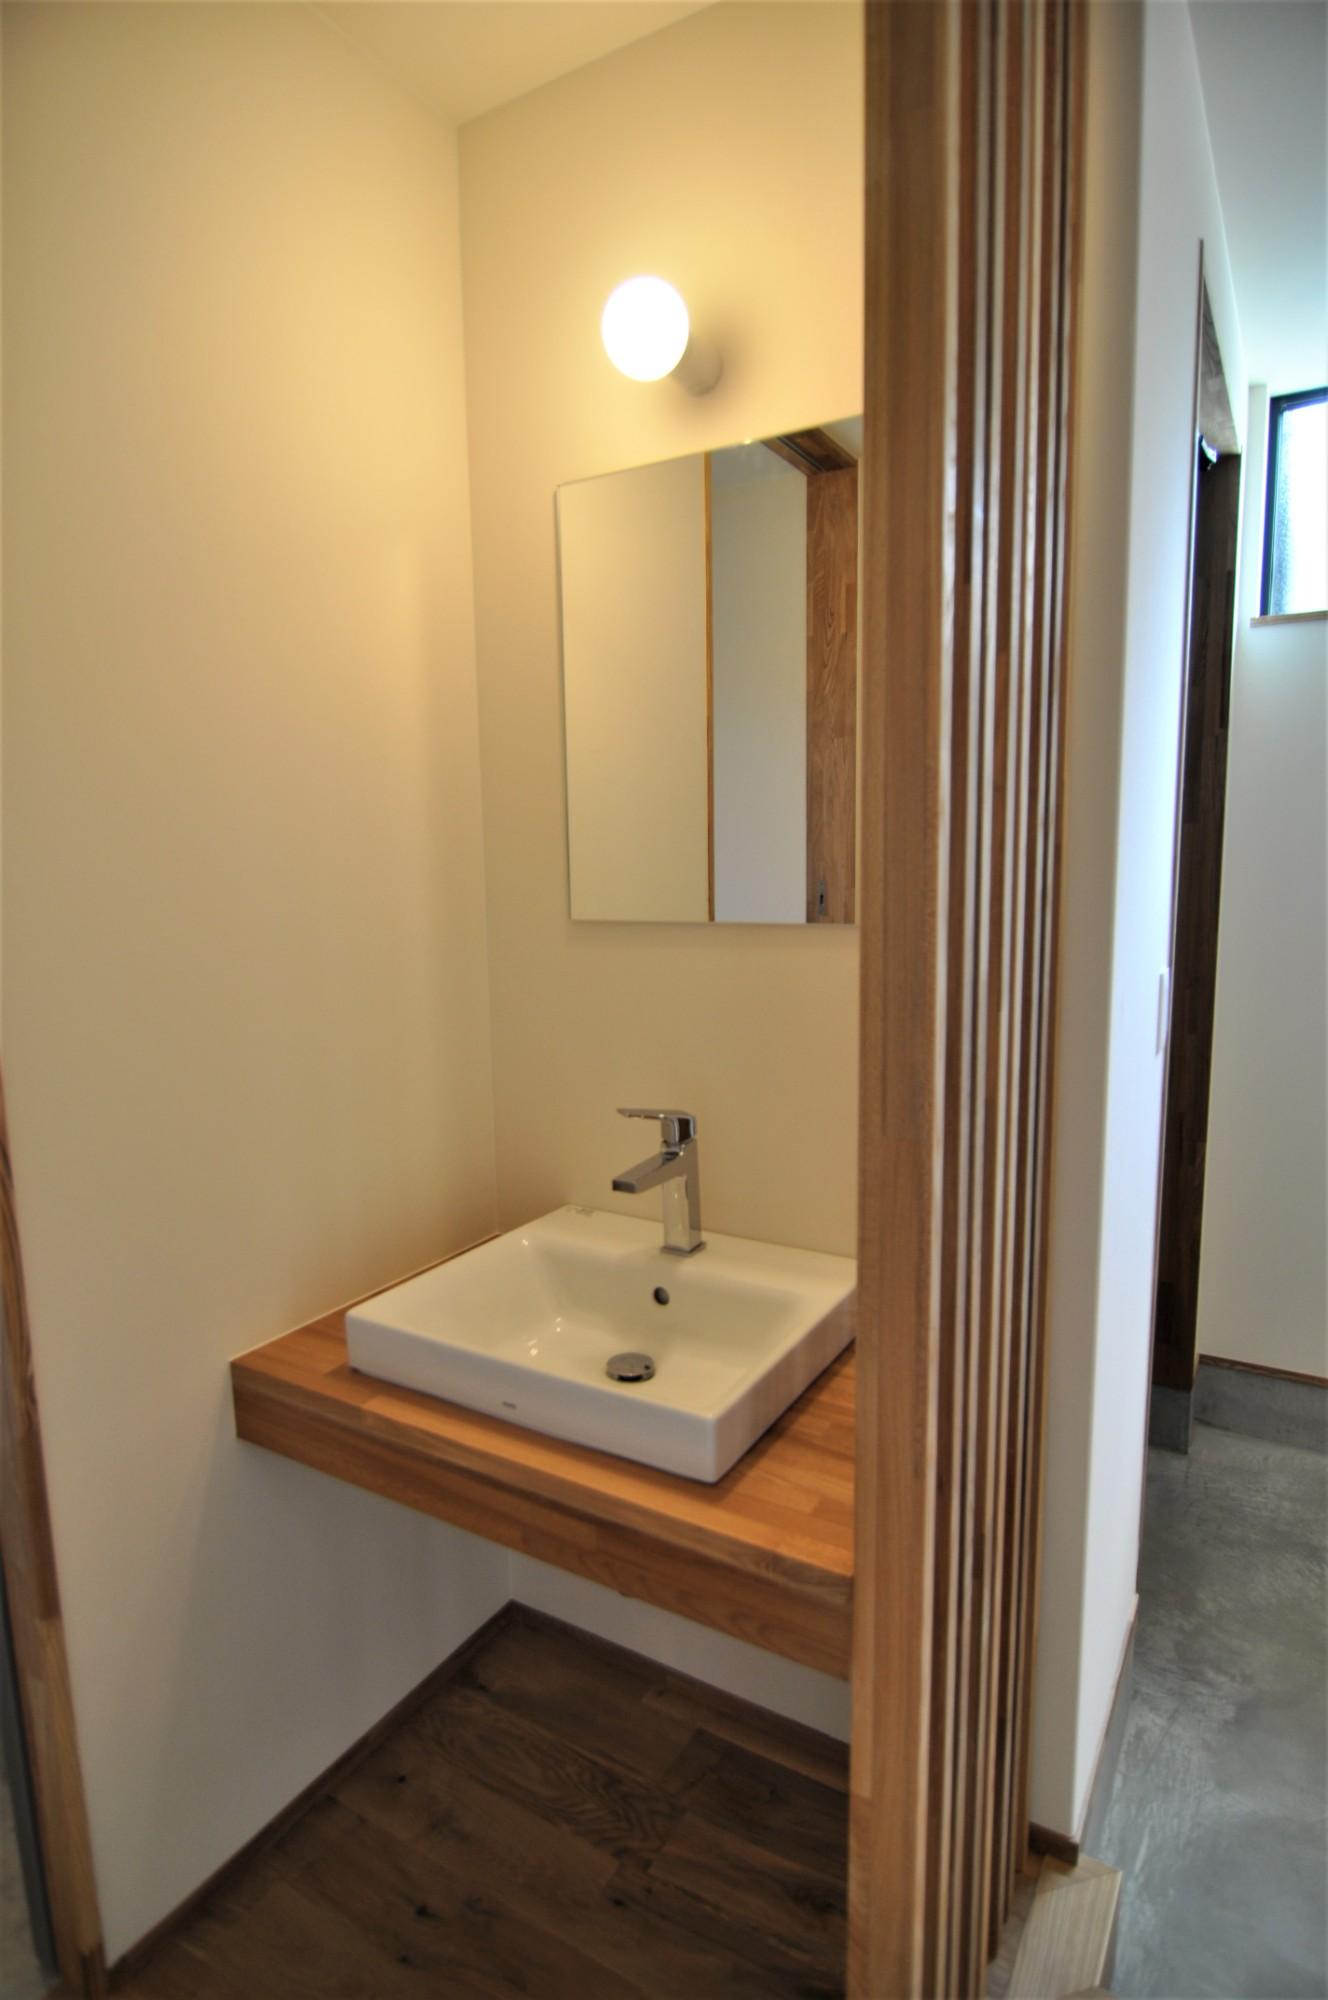 有限会社 市川建築店 1級建築士事務所「オーク床とエッグウォールの調湿住宅(認定低炭素住宅)」の自然素材な玄関の実例写真